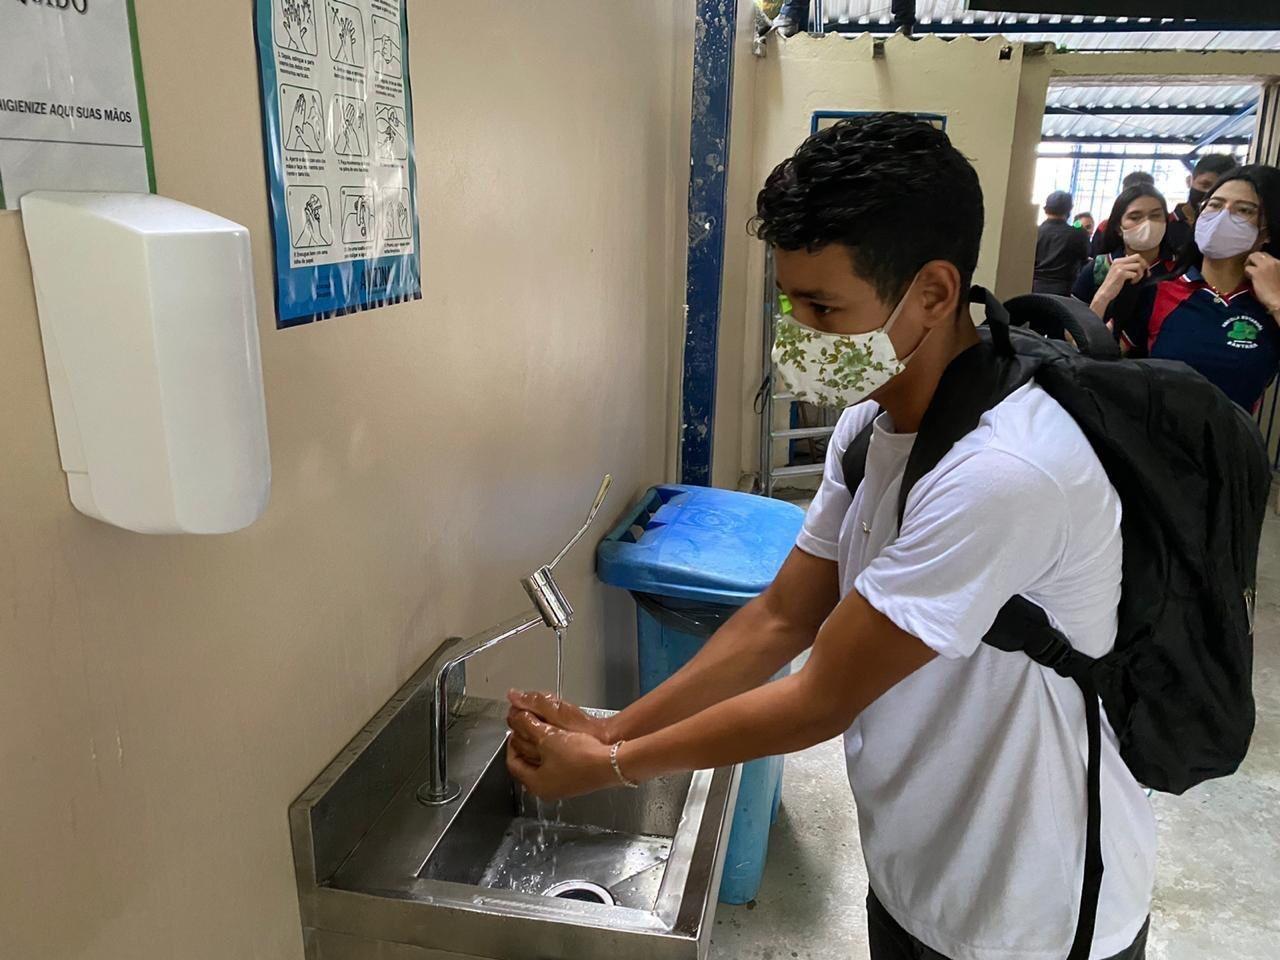 Quatro a cada dez escolas do Brasil não tem estrutura para lavagem de mãos dos alunos, afirma OMS e Unicef